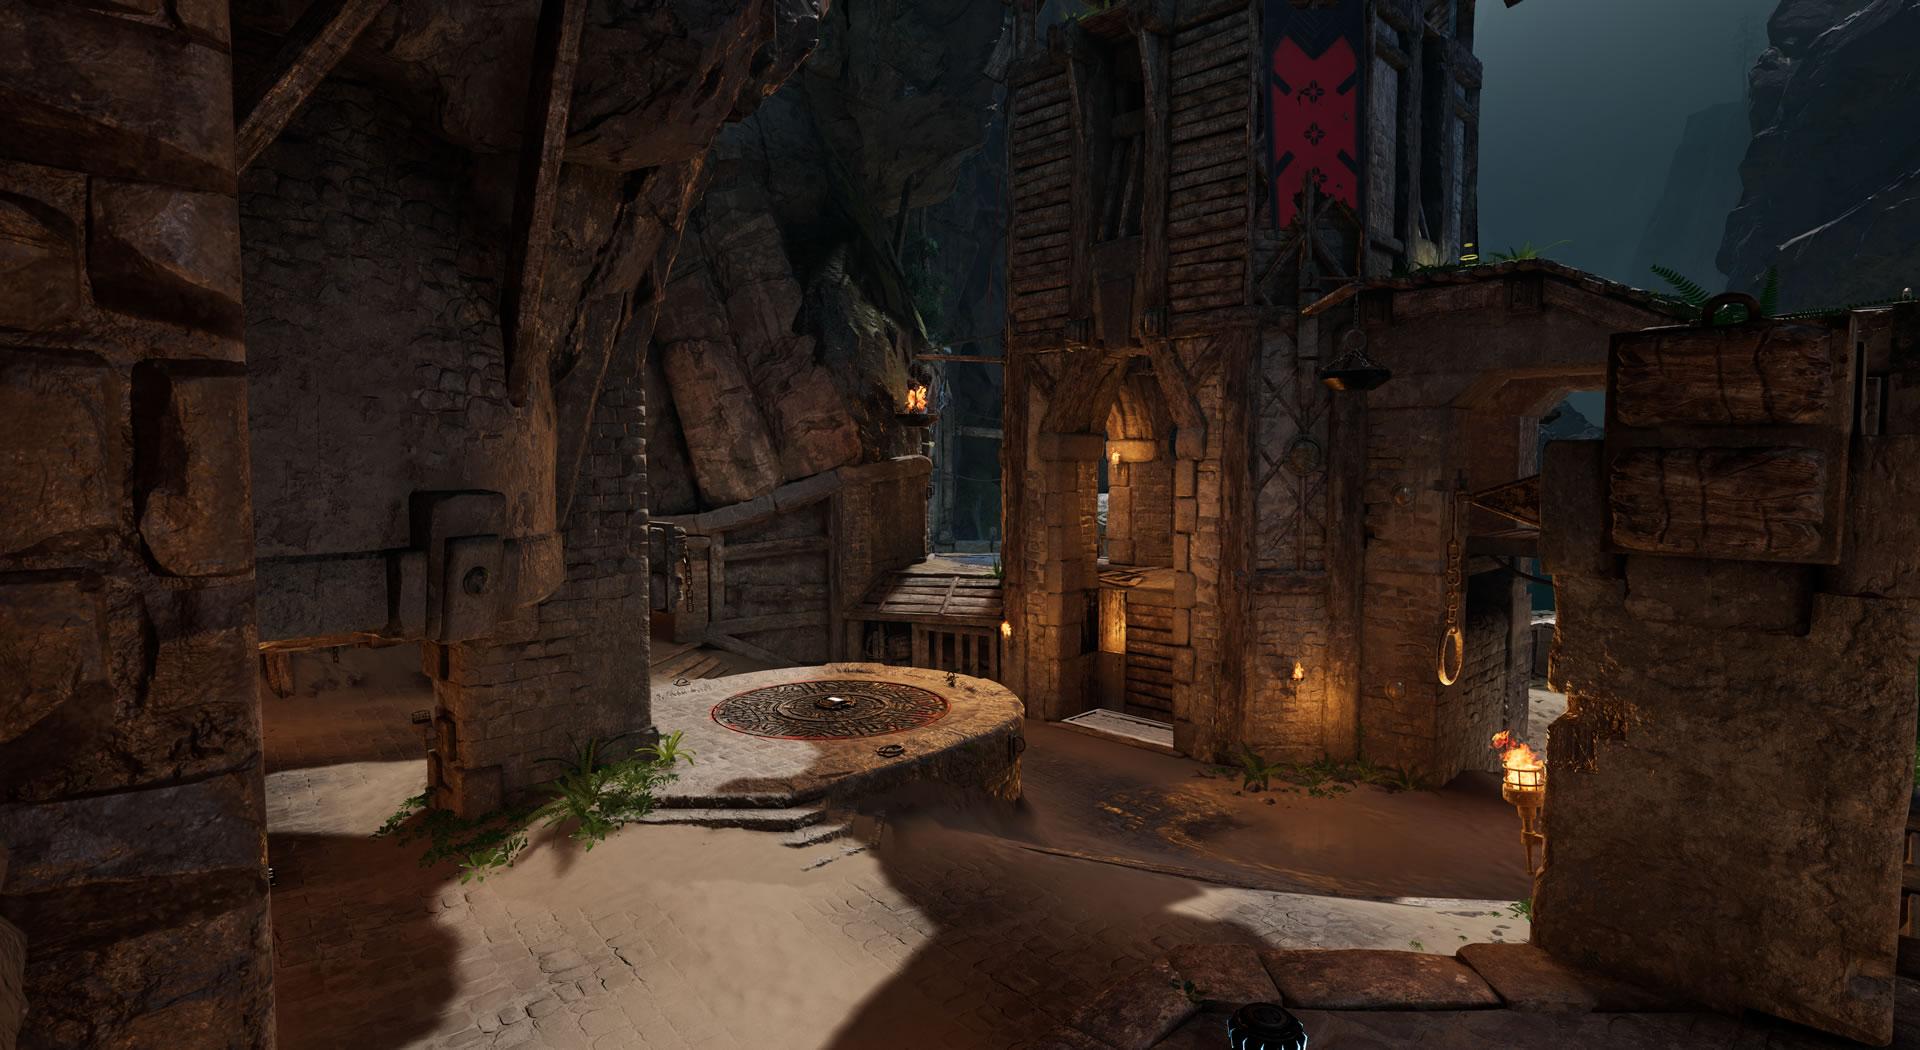 Unreal Tournament - 'Underland' Trailer 5